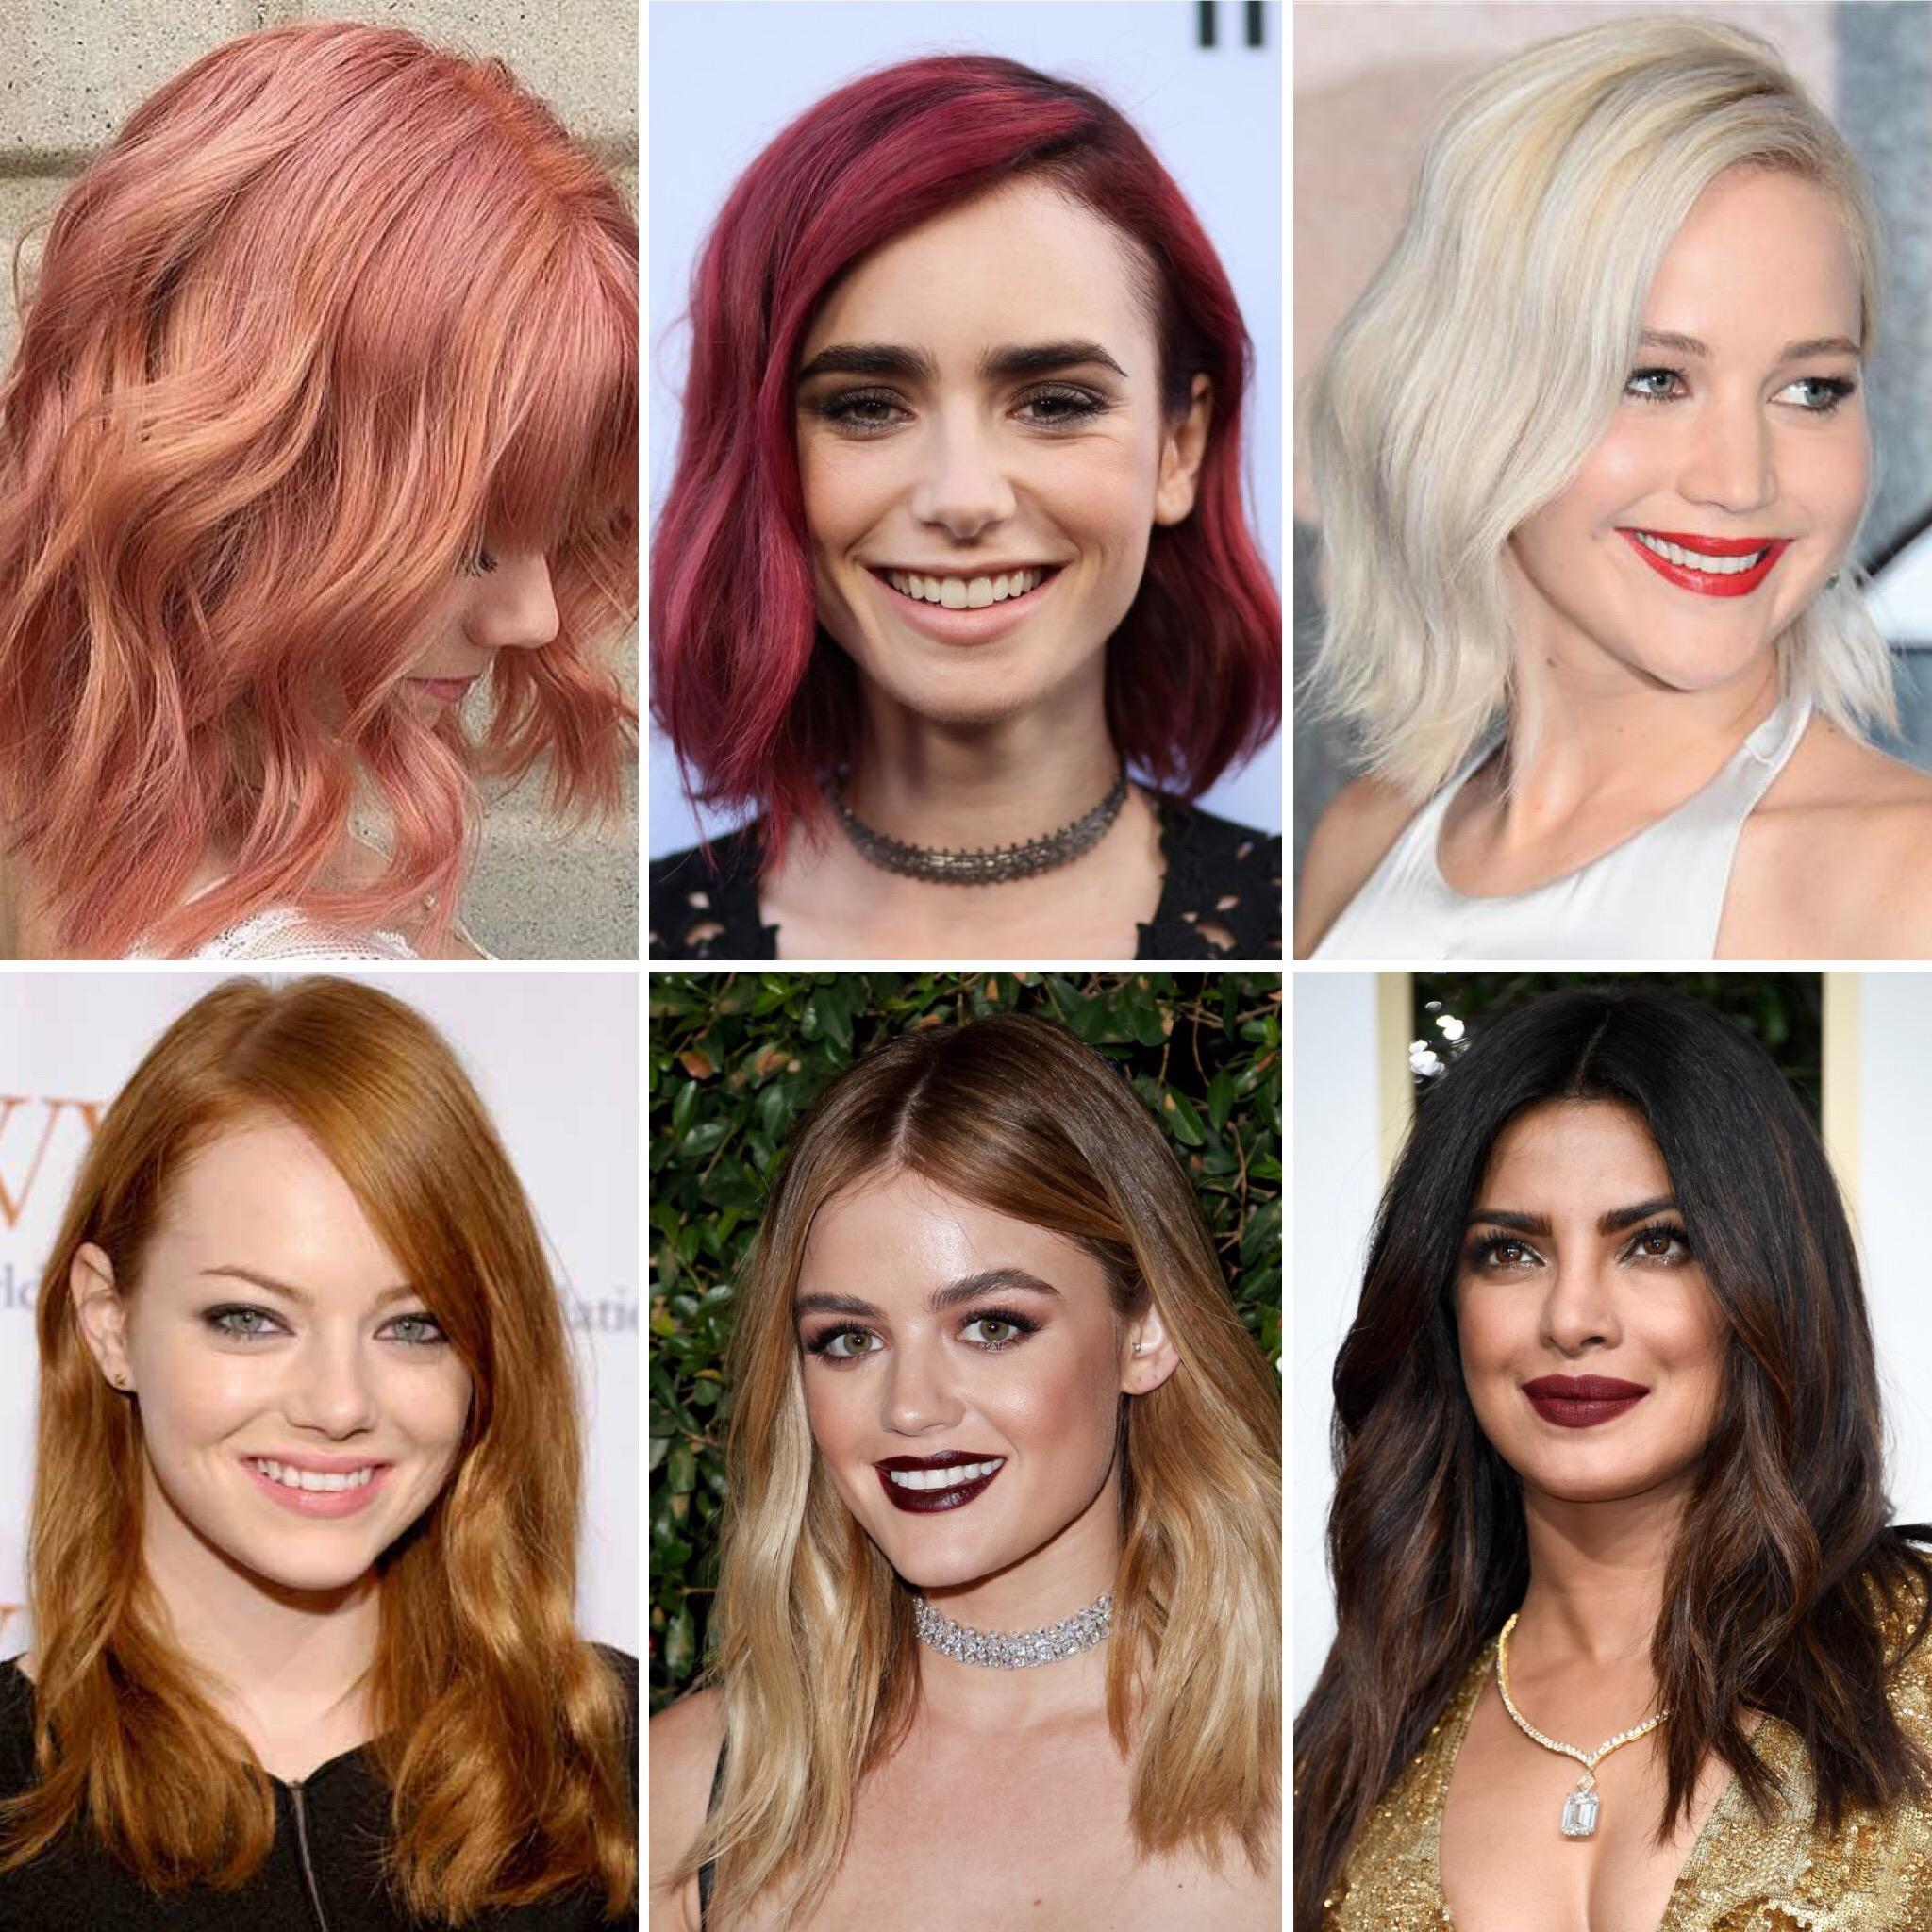 Hair Color Inspiration | Mrs.JJ Loves Hair